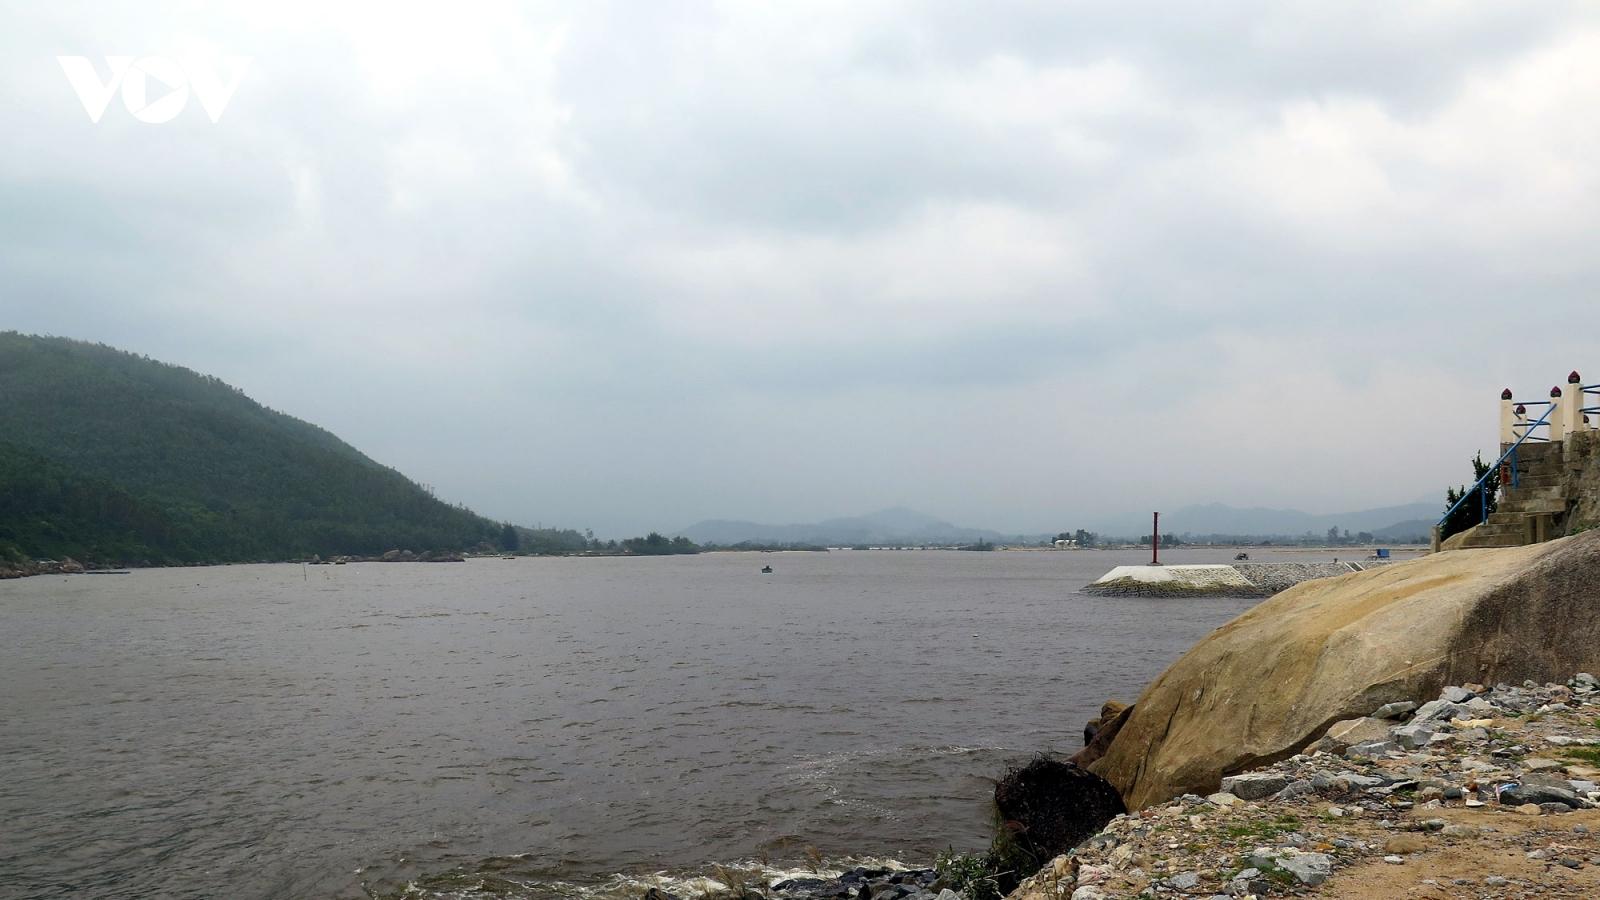 Hàng trăm tàu cá Quảng Ngãi nằm bờ vì cửa sông bị bồi lấp